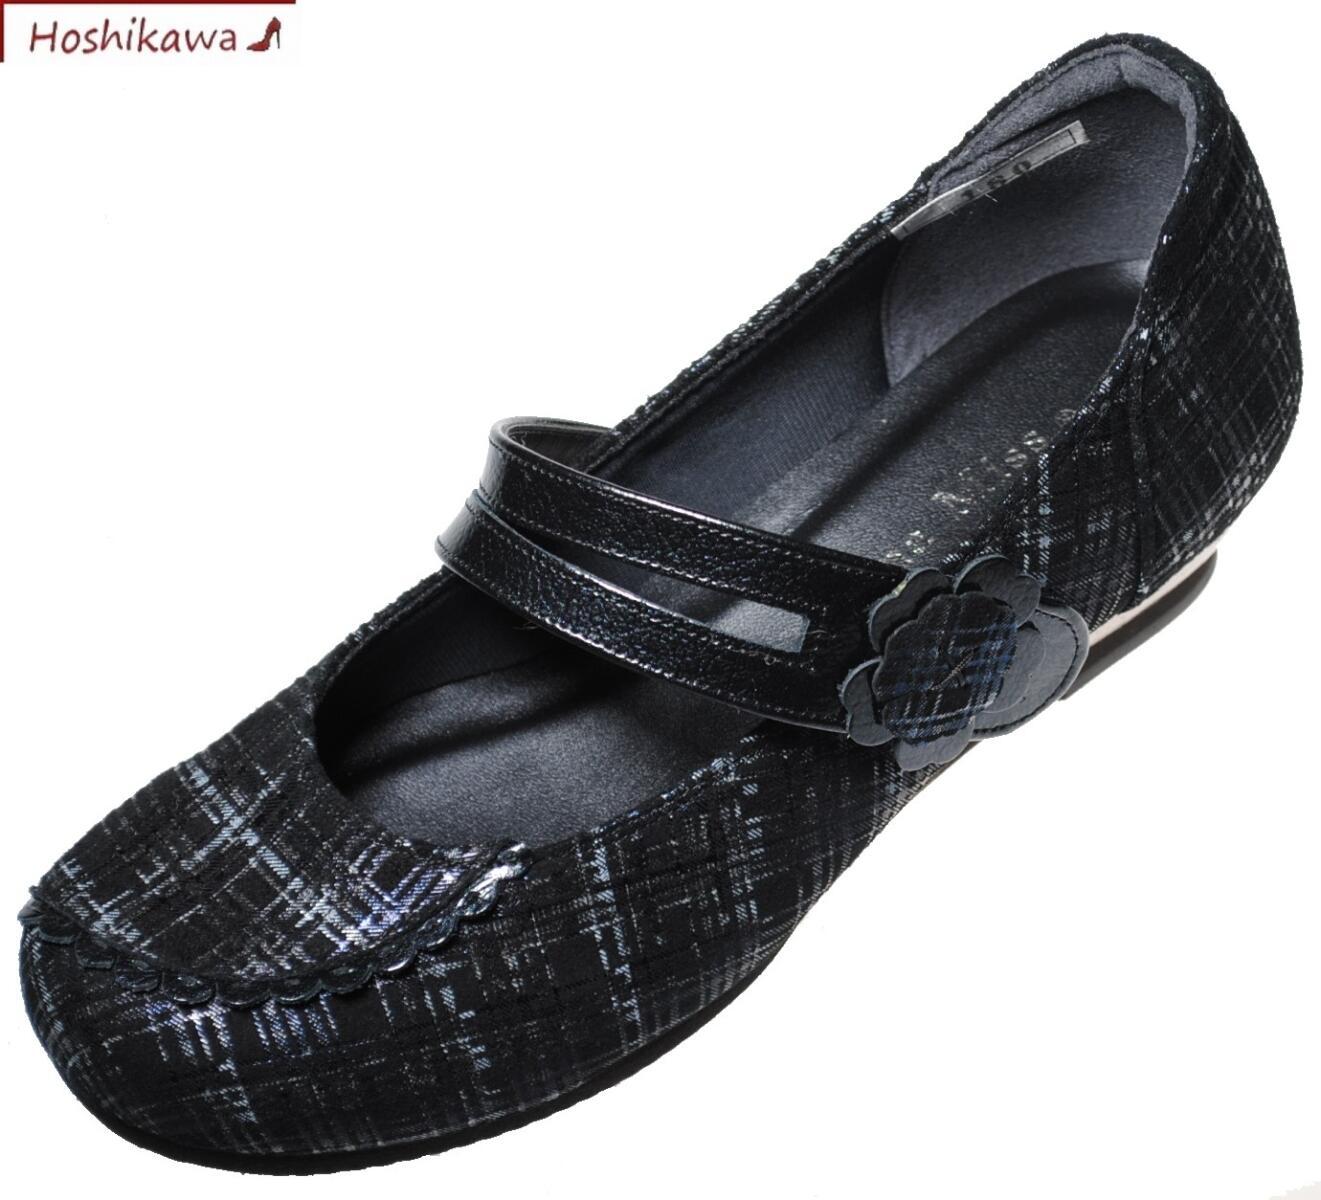 【靴のHOSHIKAWA】 『Dona Miss 180』21.5cm~24.5cm パンプス